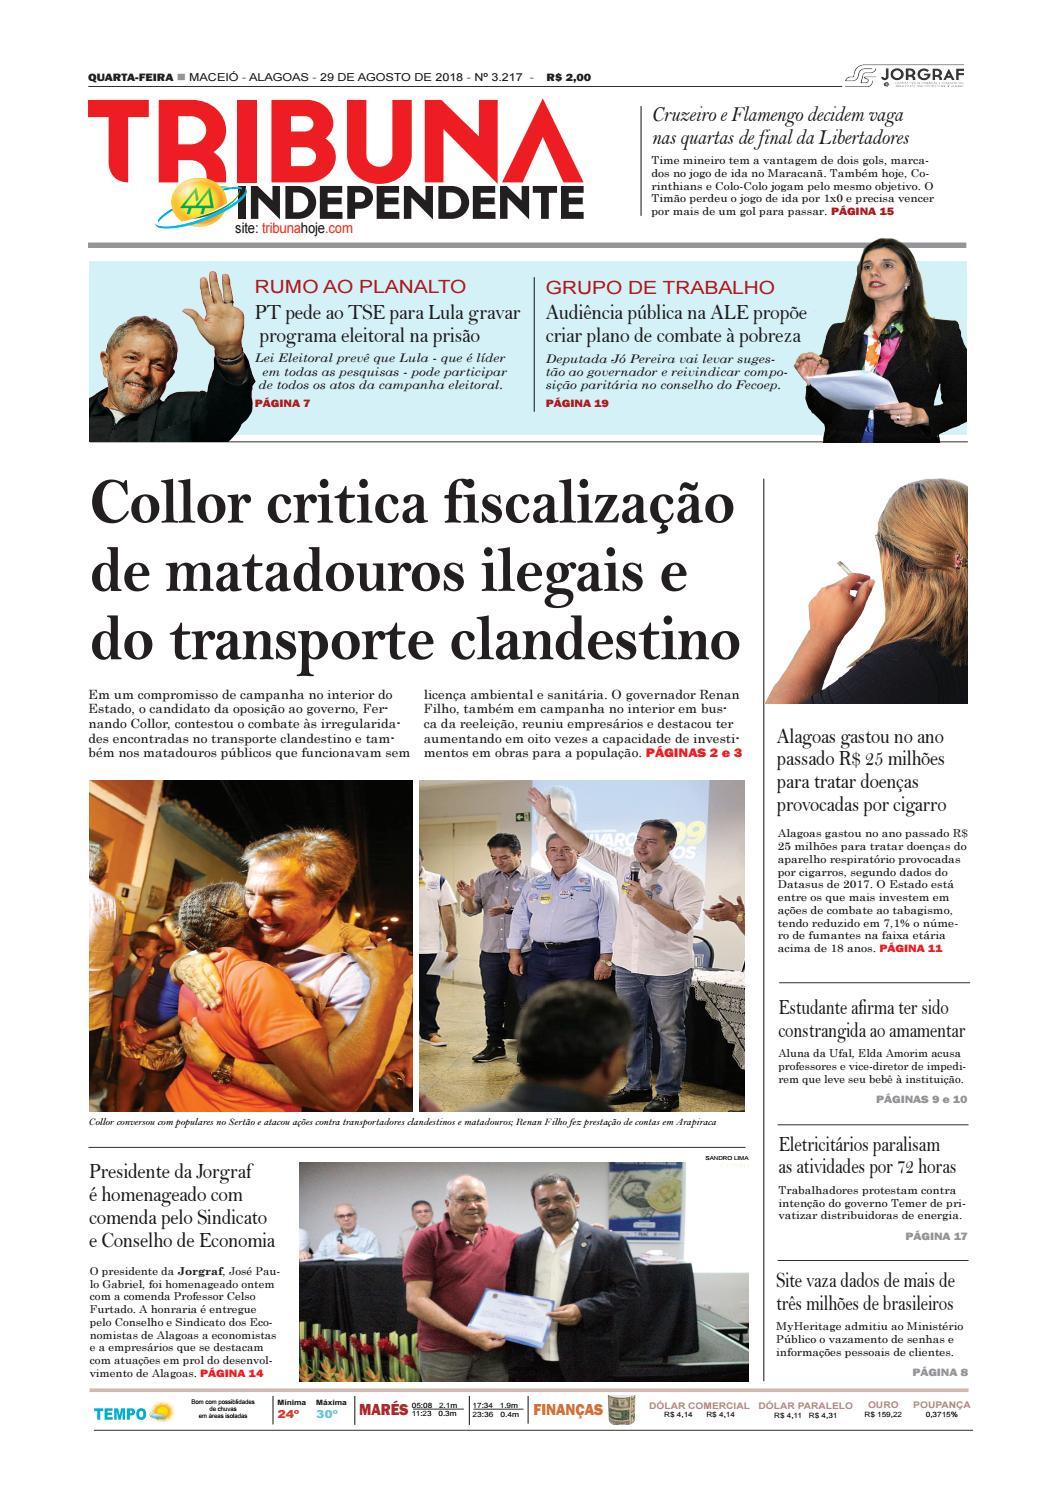 942e885e9 Edição número 3217 - 29 de agosto de 2018 by Tribuna Hoje - issuu